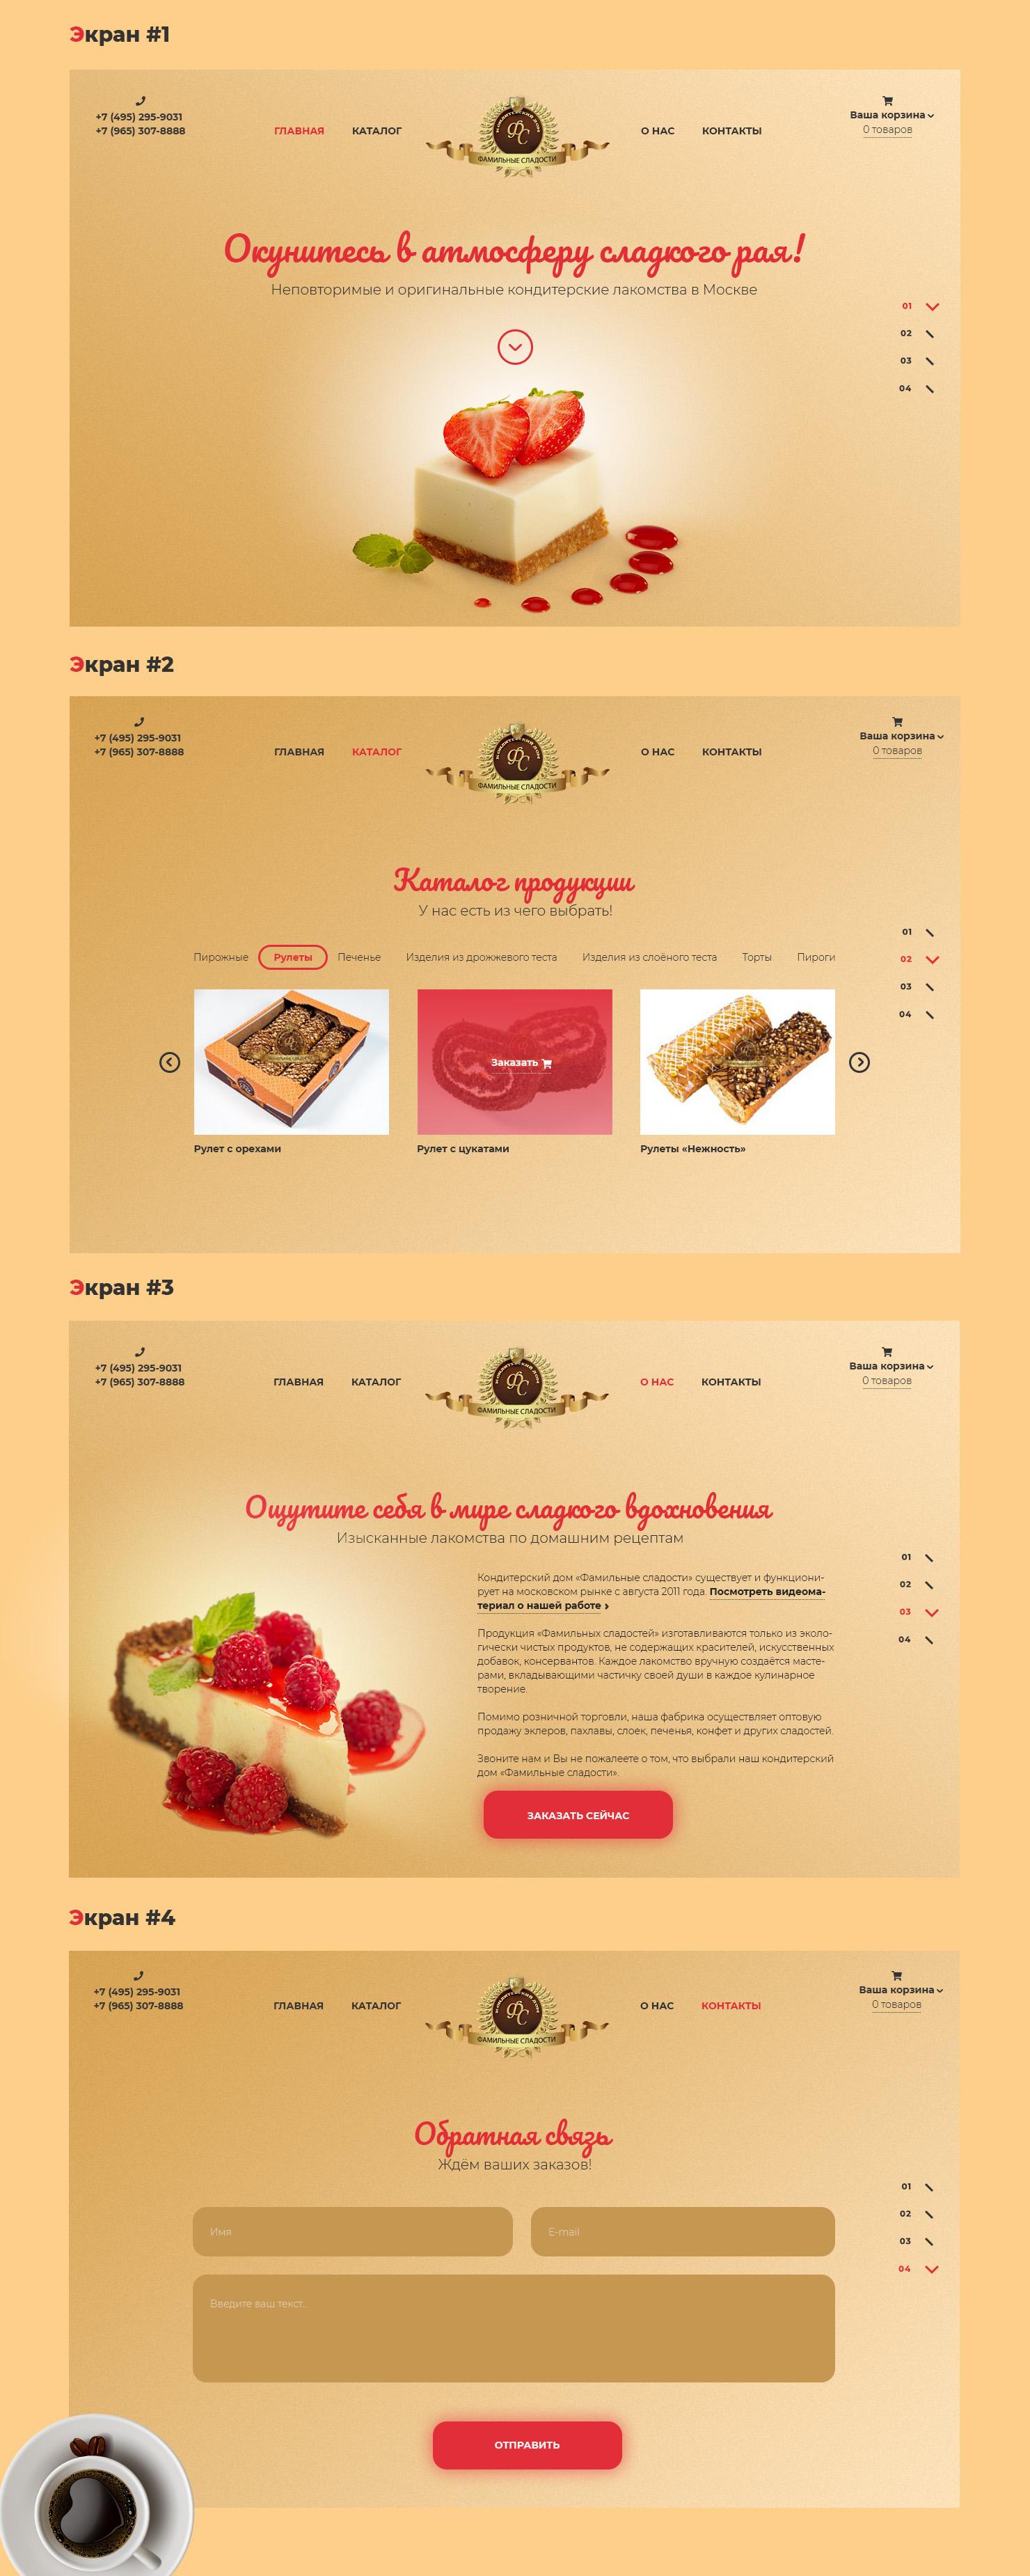 Редизайн главной страницы сайта кондитерского производства фото f_0085aa2bd8838460.jpg